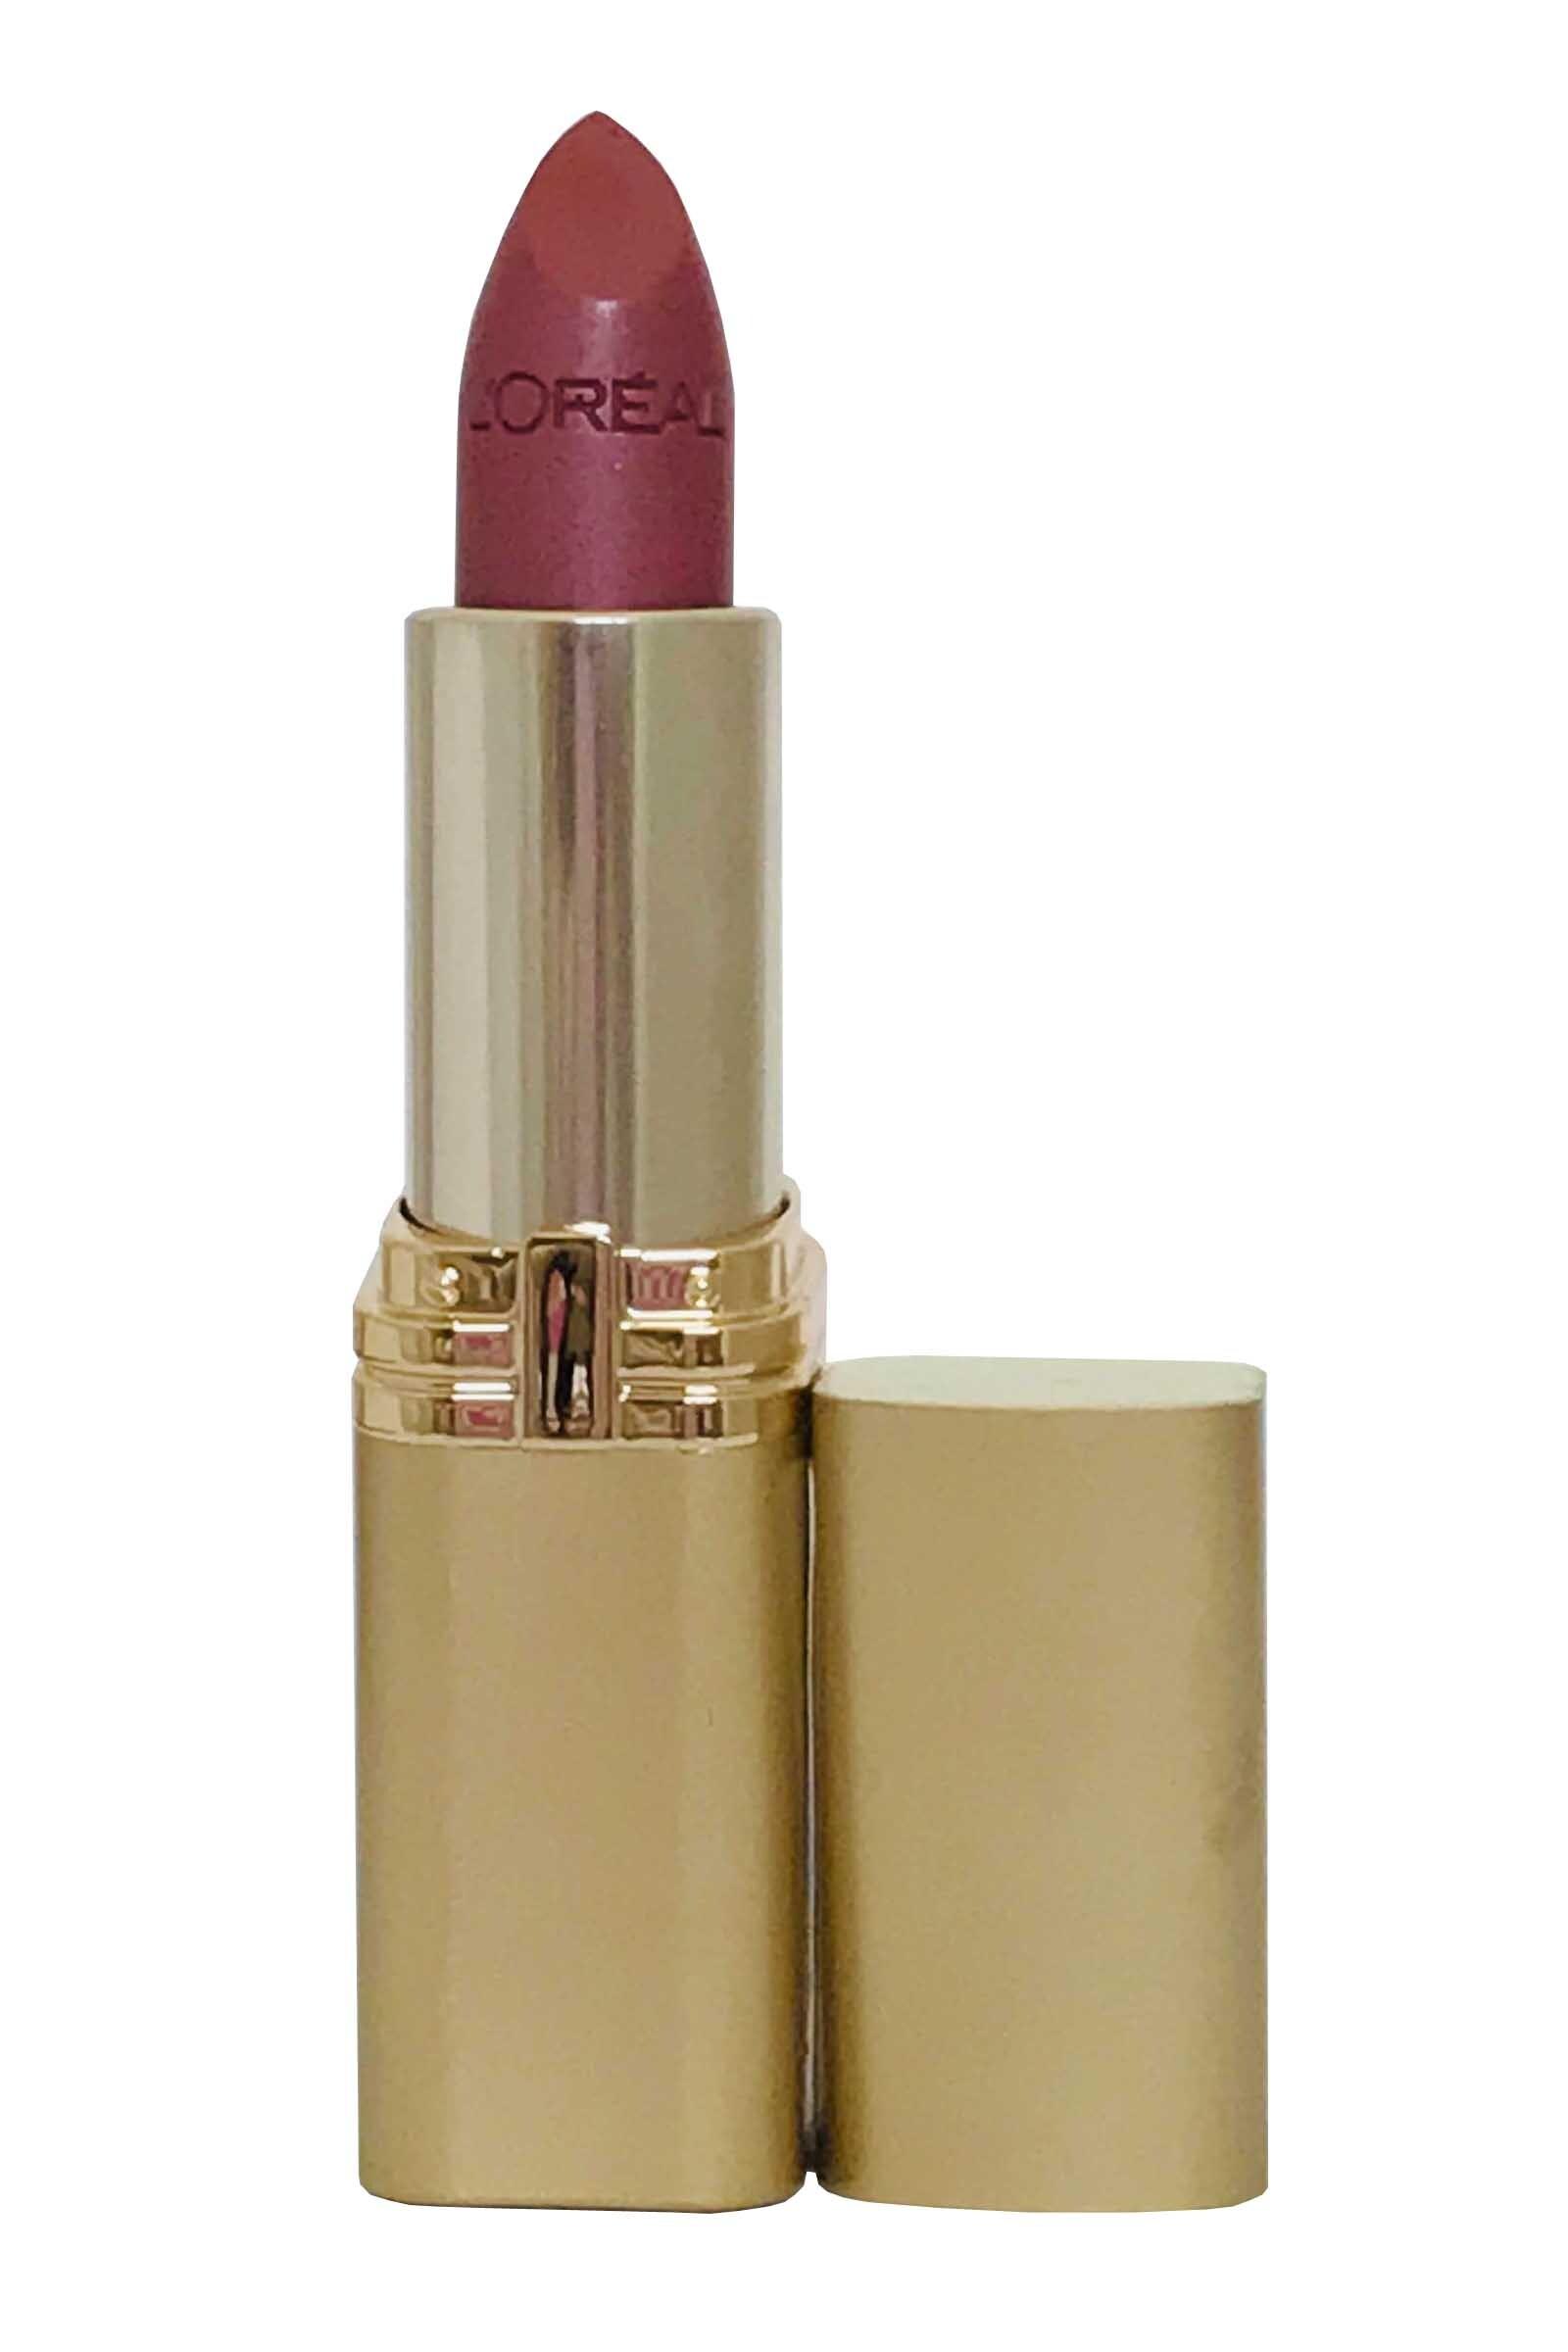 L Oreal Color Riche Lipsick 3.6g Mica #620